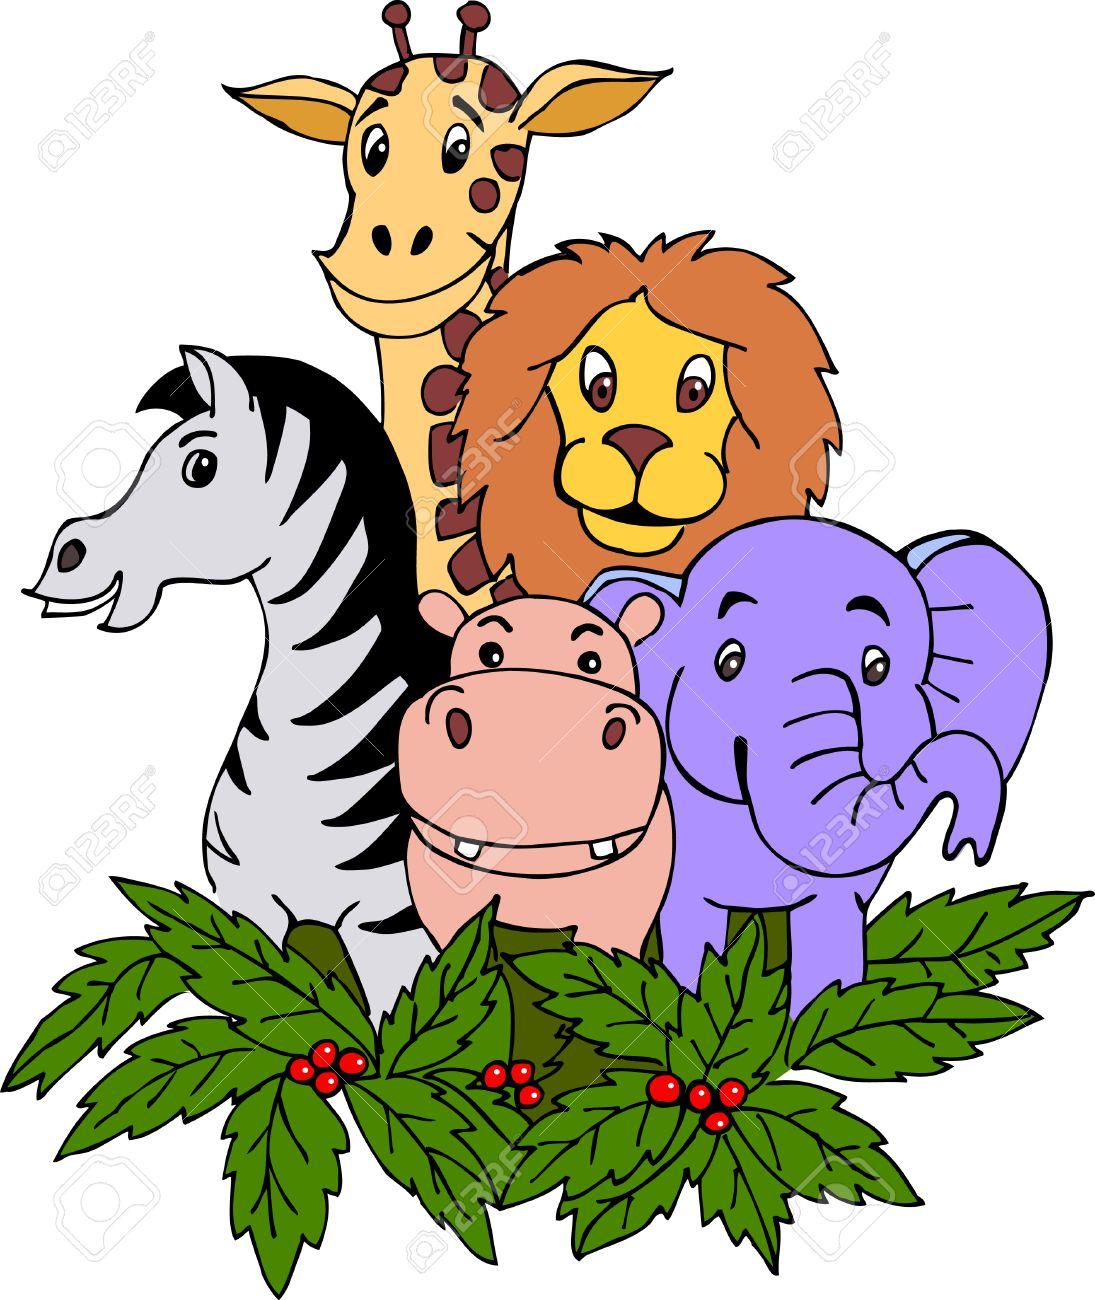 wild animal cartoon Stock Vector - 8598918